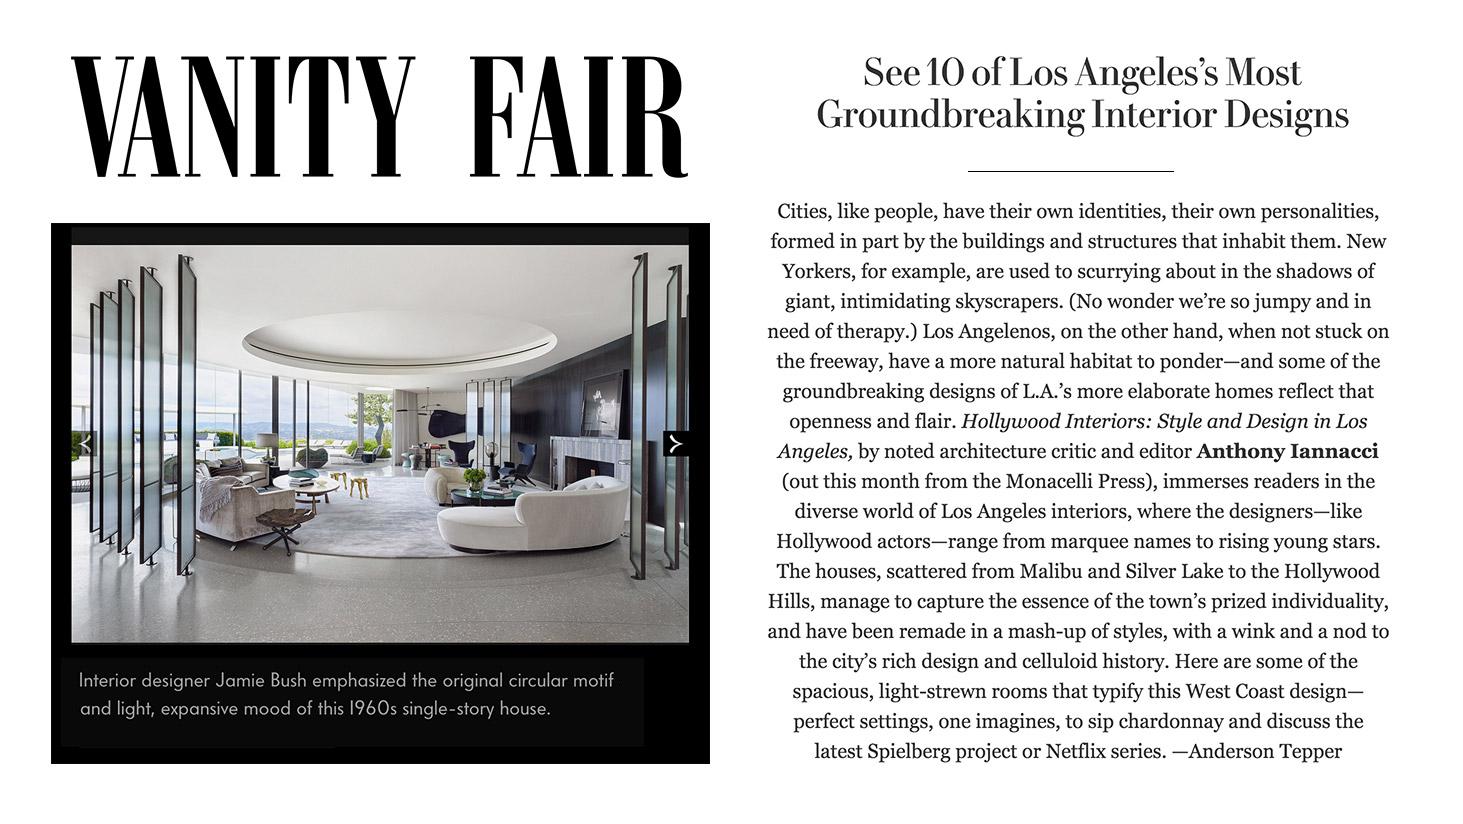 vanityfair_article.jpg